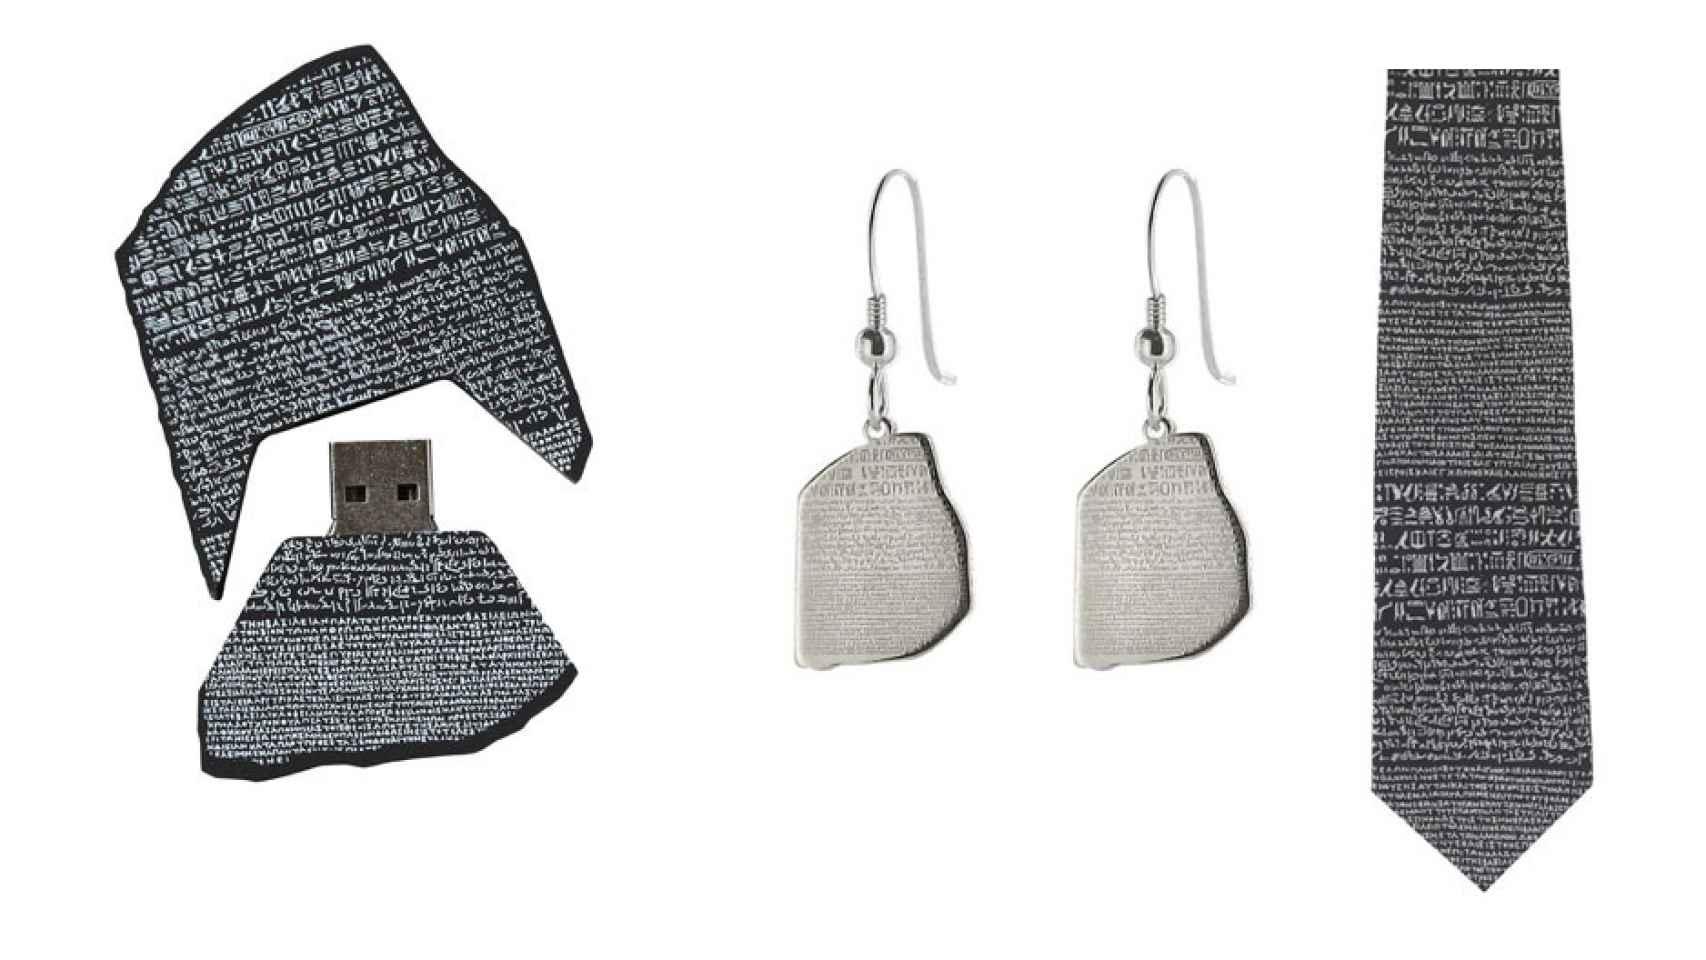 Un variado de los productos Rosetta del British.